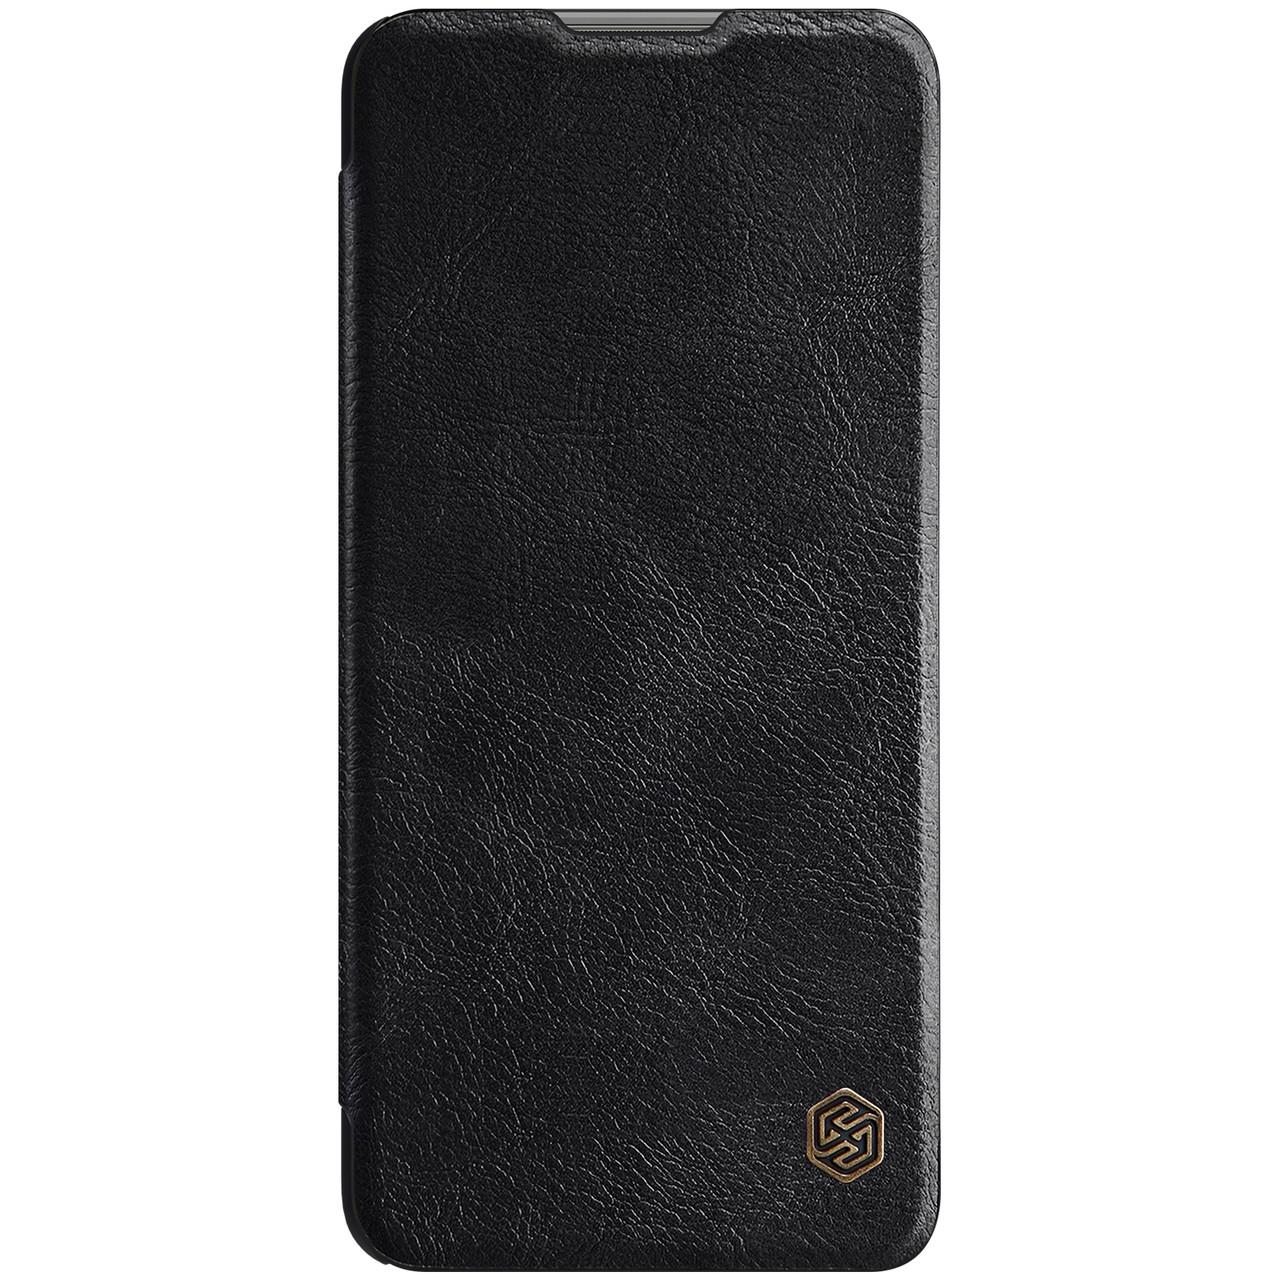 Защитный чехол-книжка Nillkin для Xiaomi Mi 11 Lite Qin leather case Black Черный